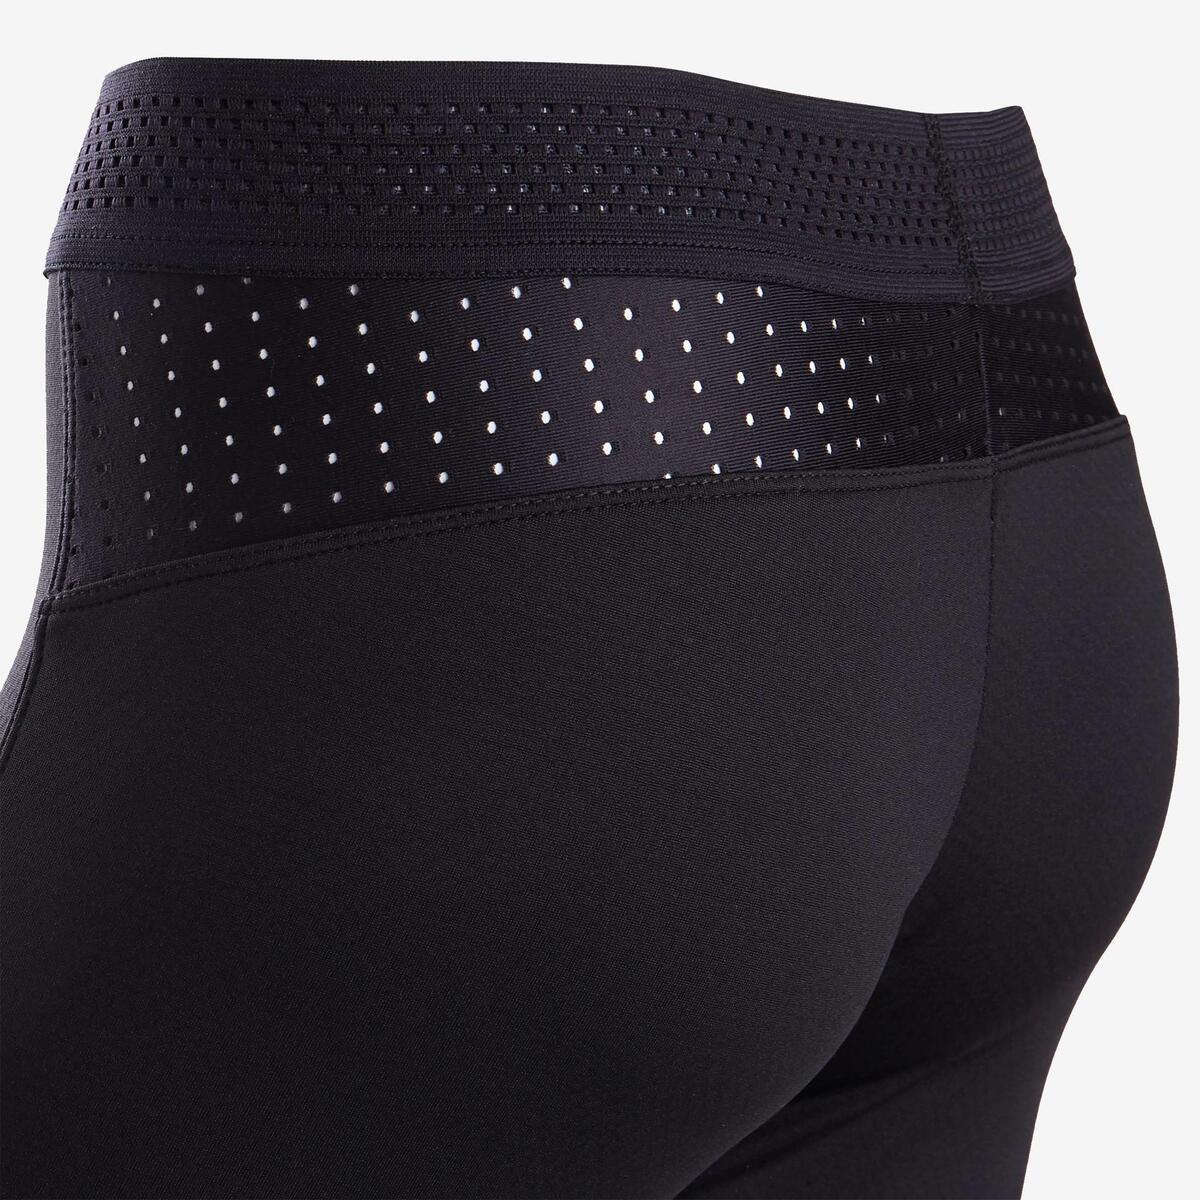 Bild 4 von Leggings warm atmungsaktiv S900 Gym Kinder schwarz, Innenseite grau